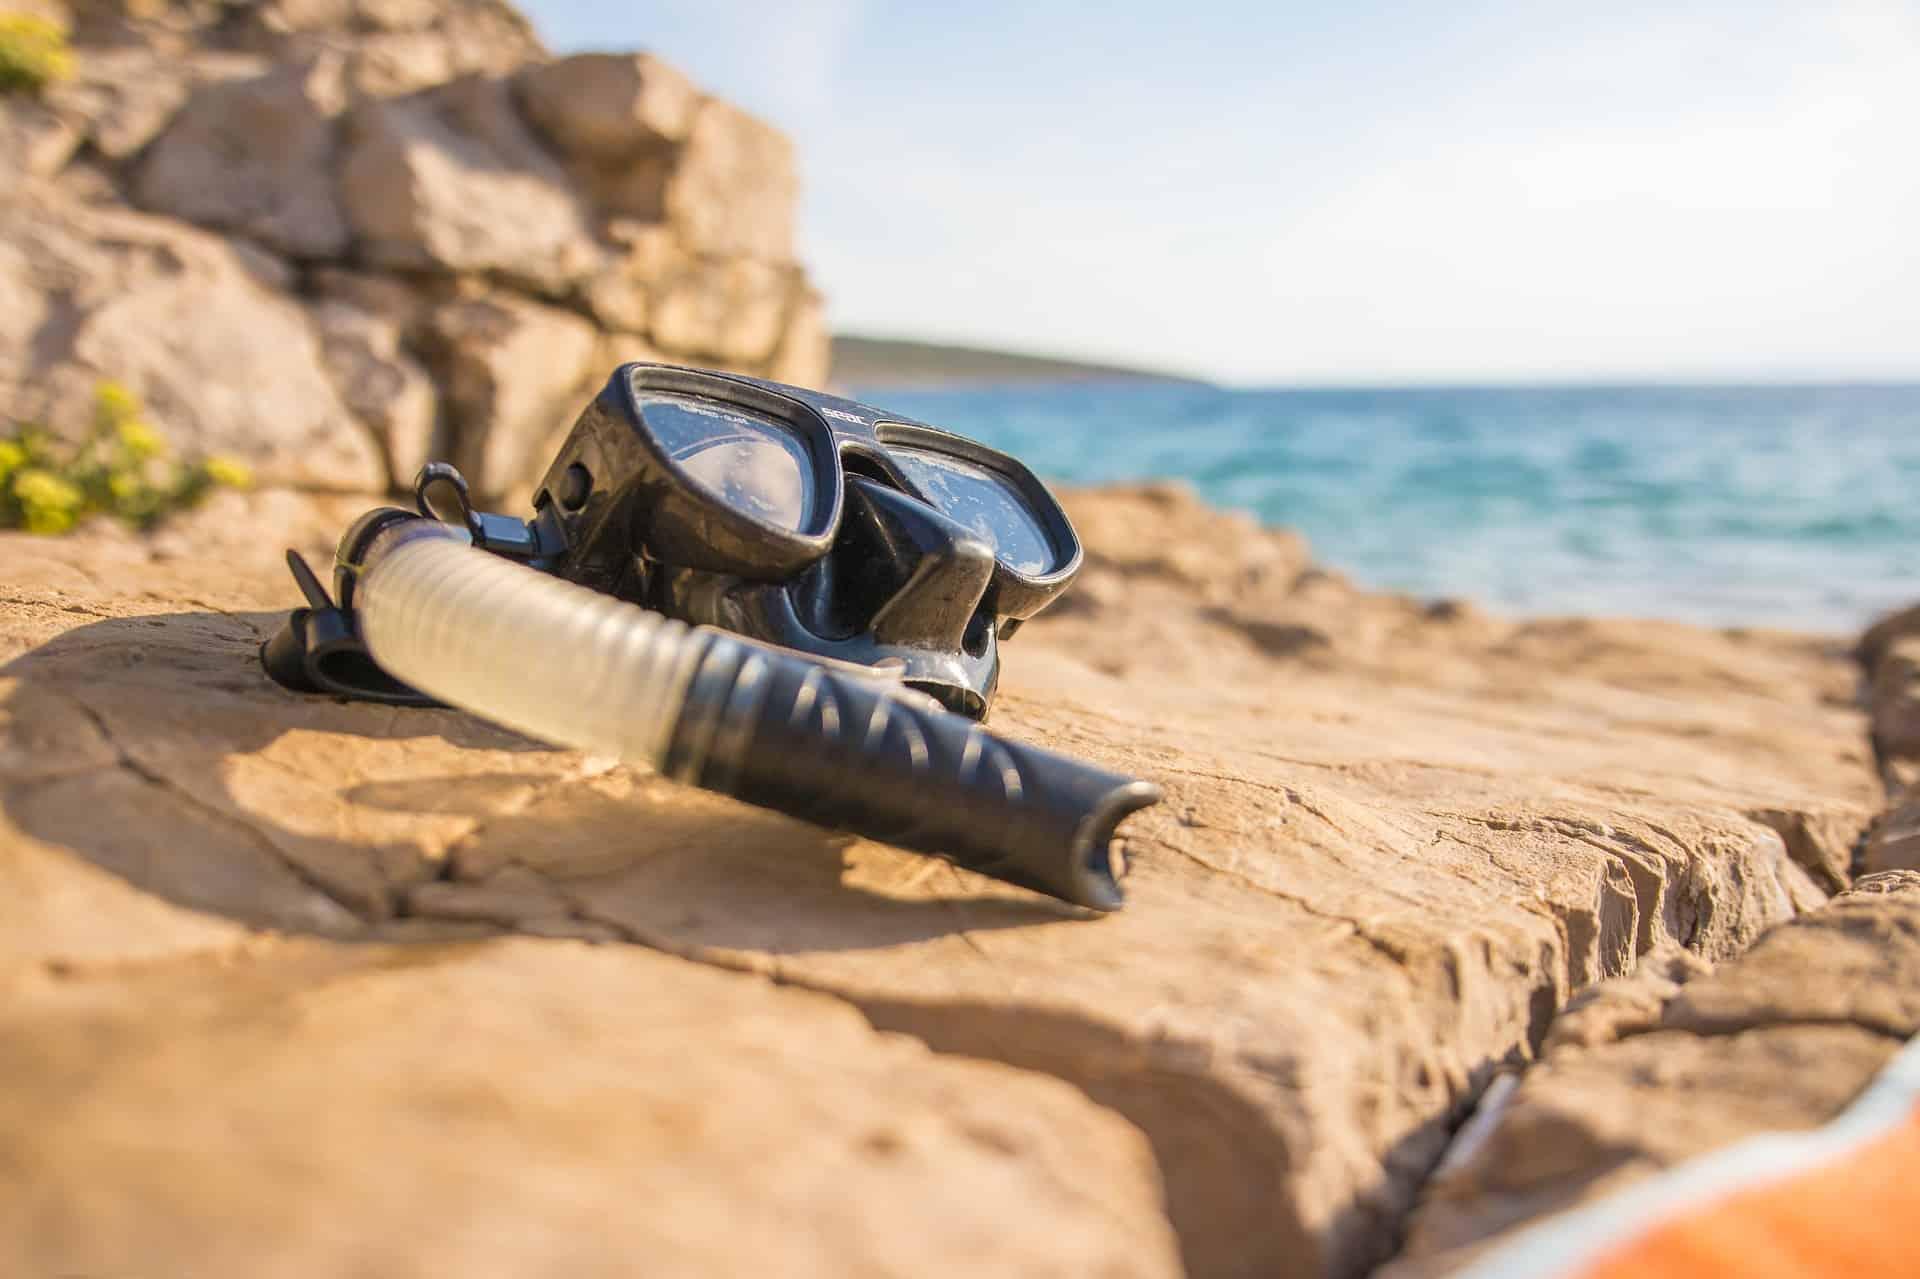 Imagem de snorkel sobre pedra em praia.